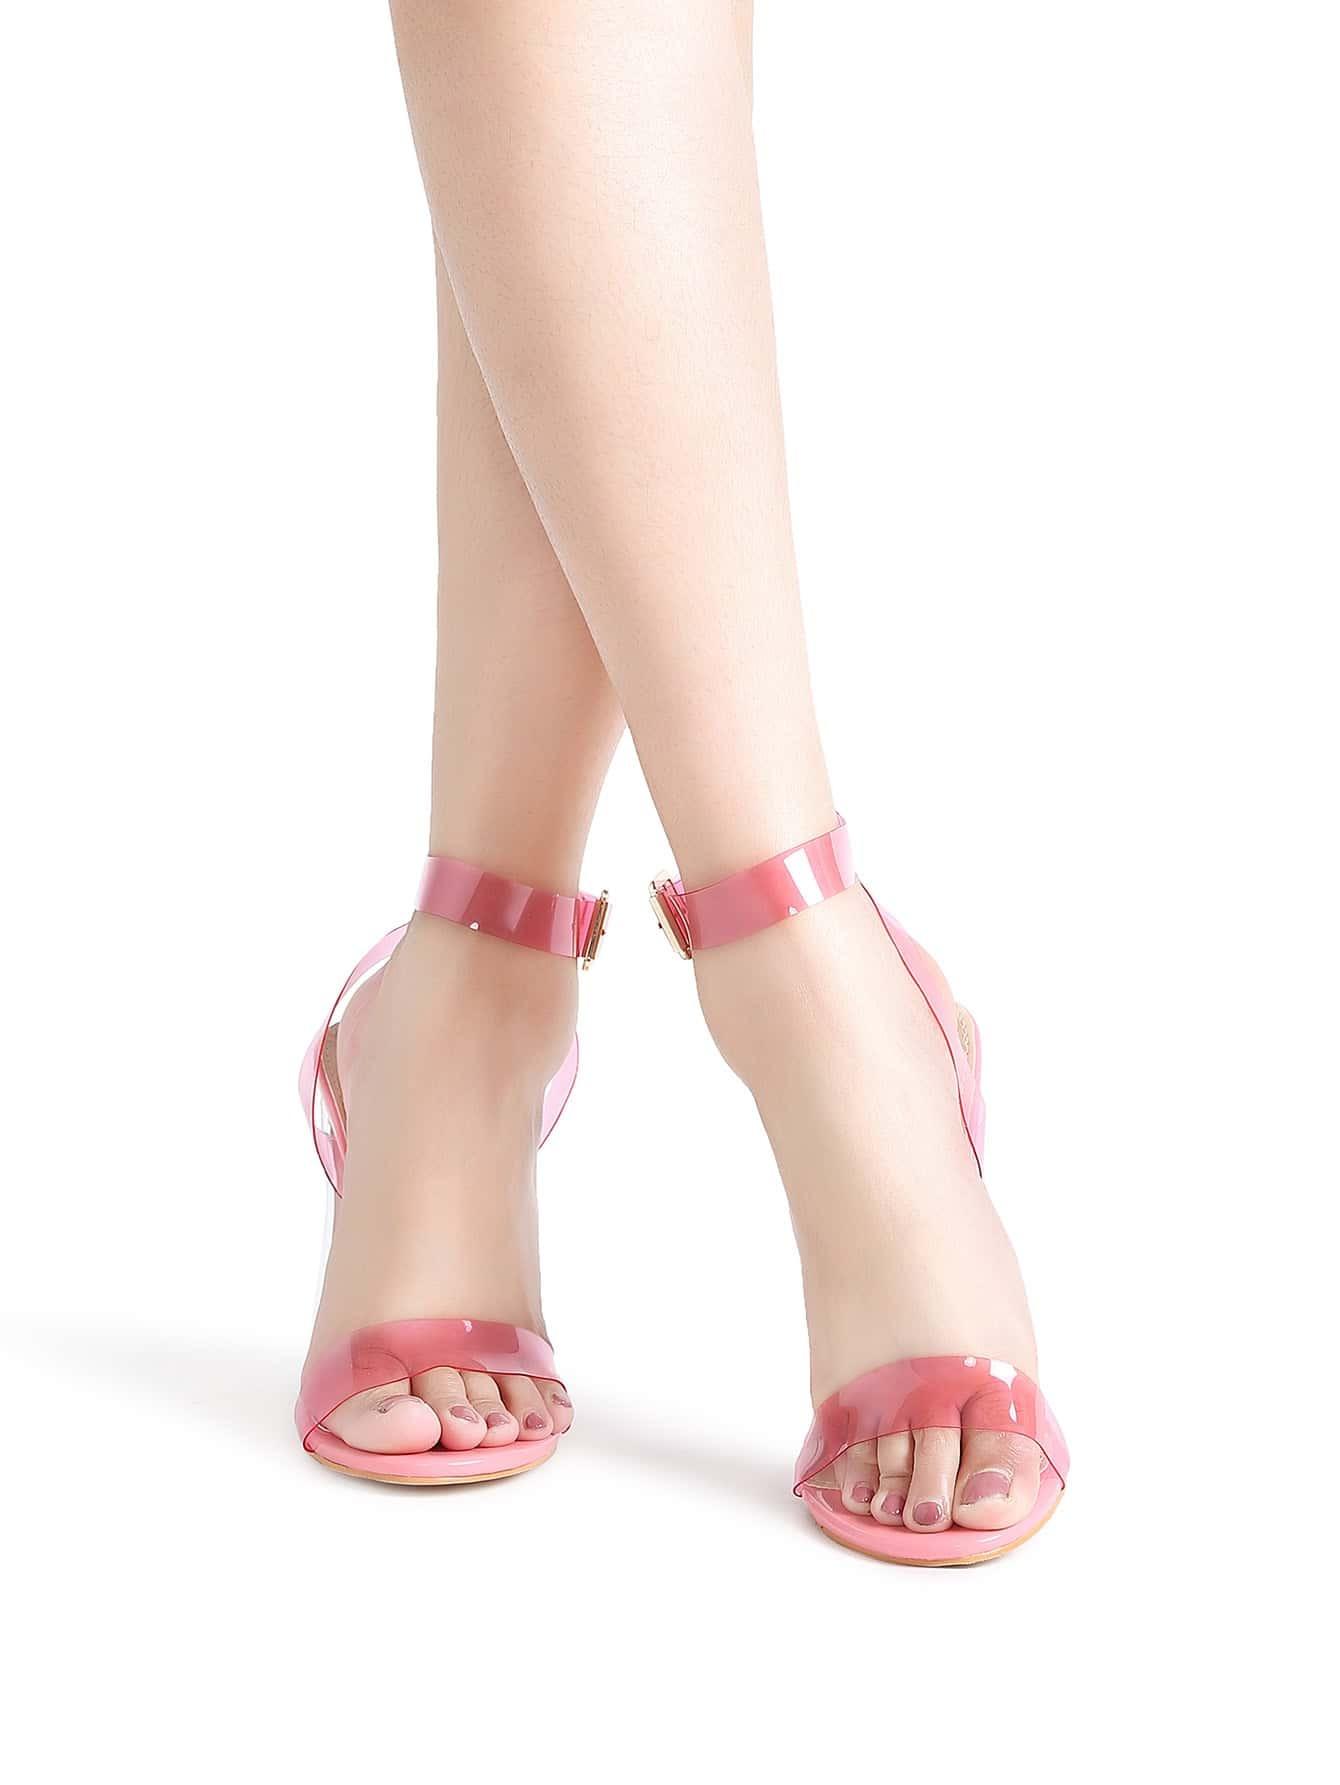 shoes170308805_2